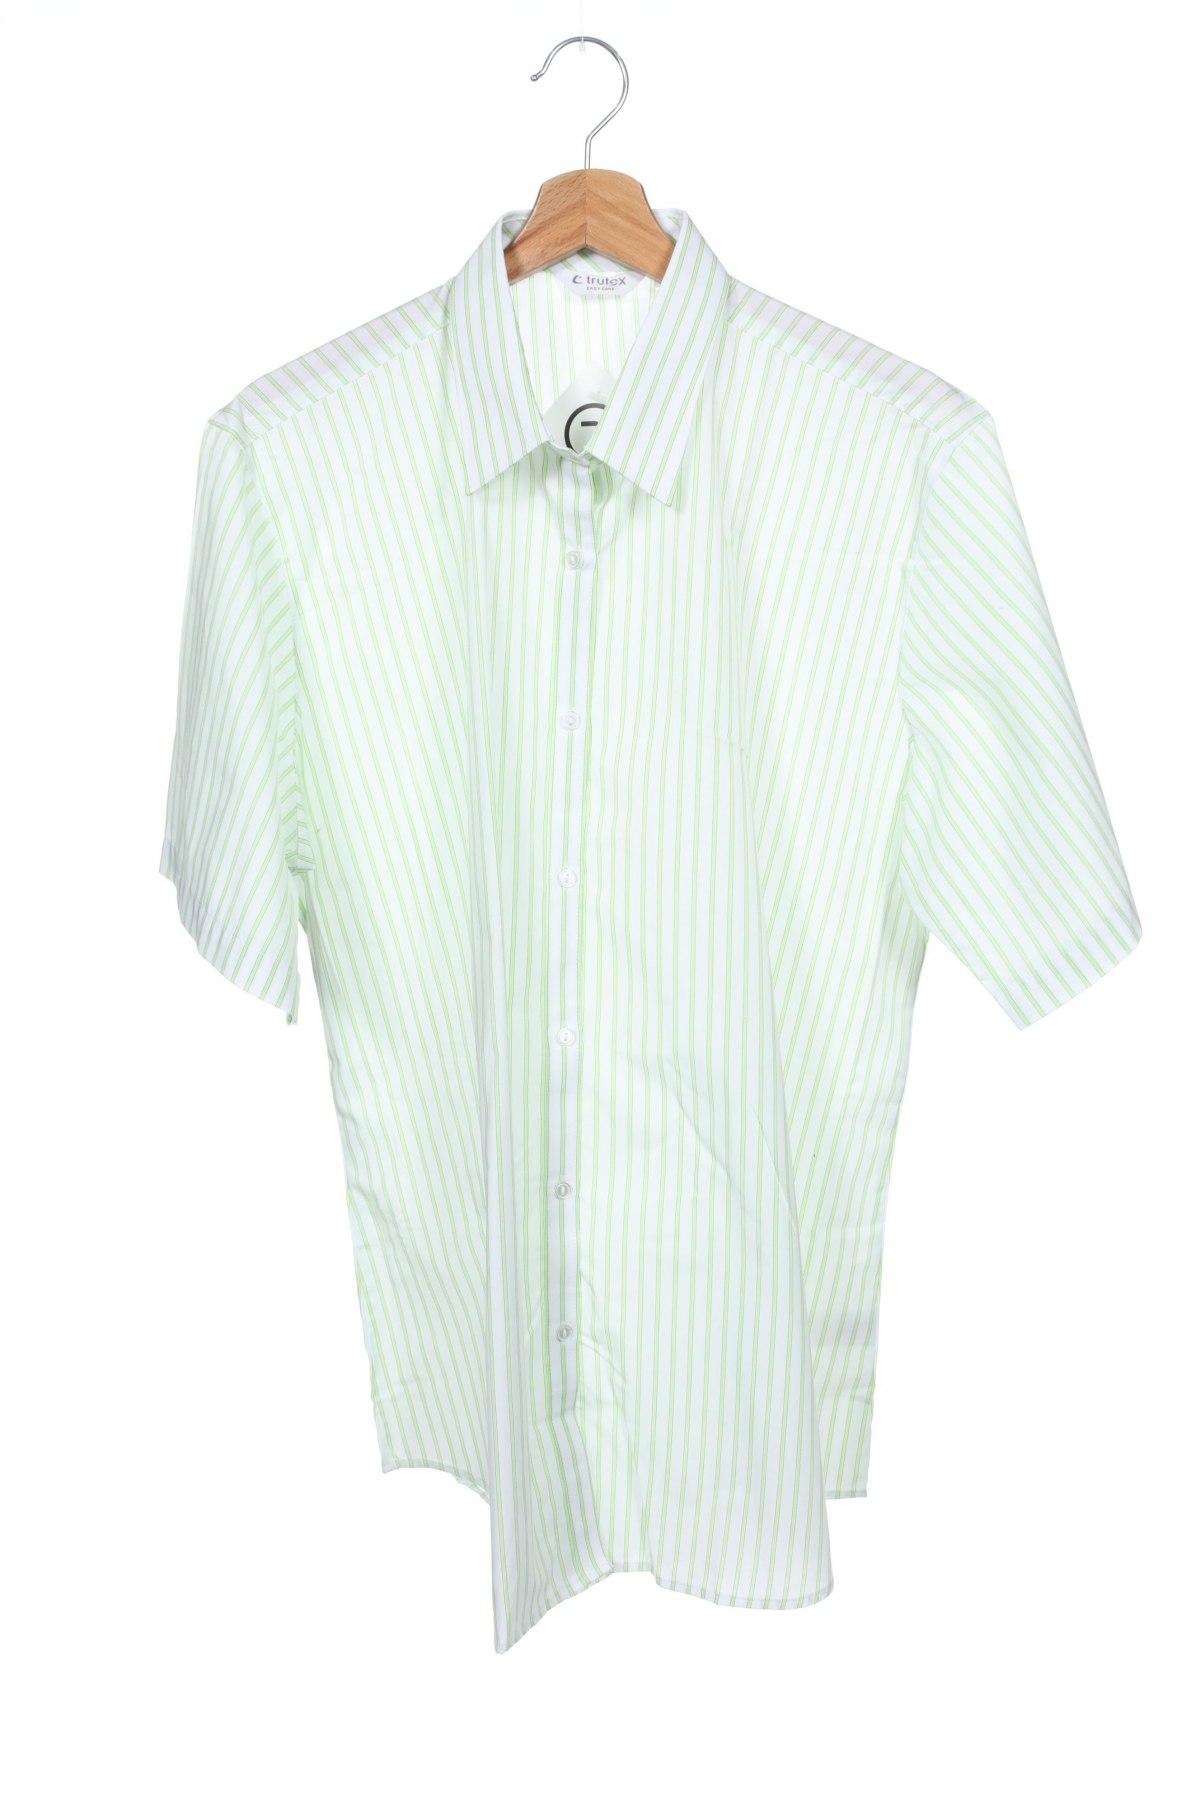 Παιδικό πουκάμισο Trutex, Μέγεθος 15-18y/ 170-176 εκ., Χρώμα Λευκό, 65% πολυεστέρας, 35% βαμβάκι, Τιμή 9,28€